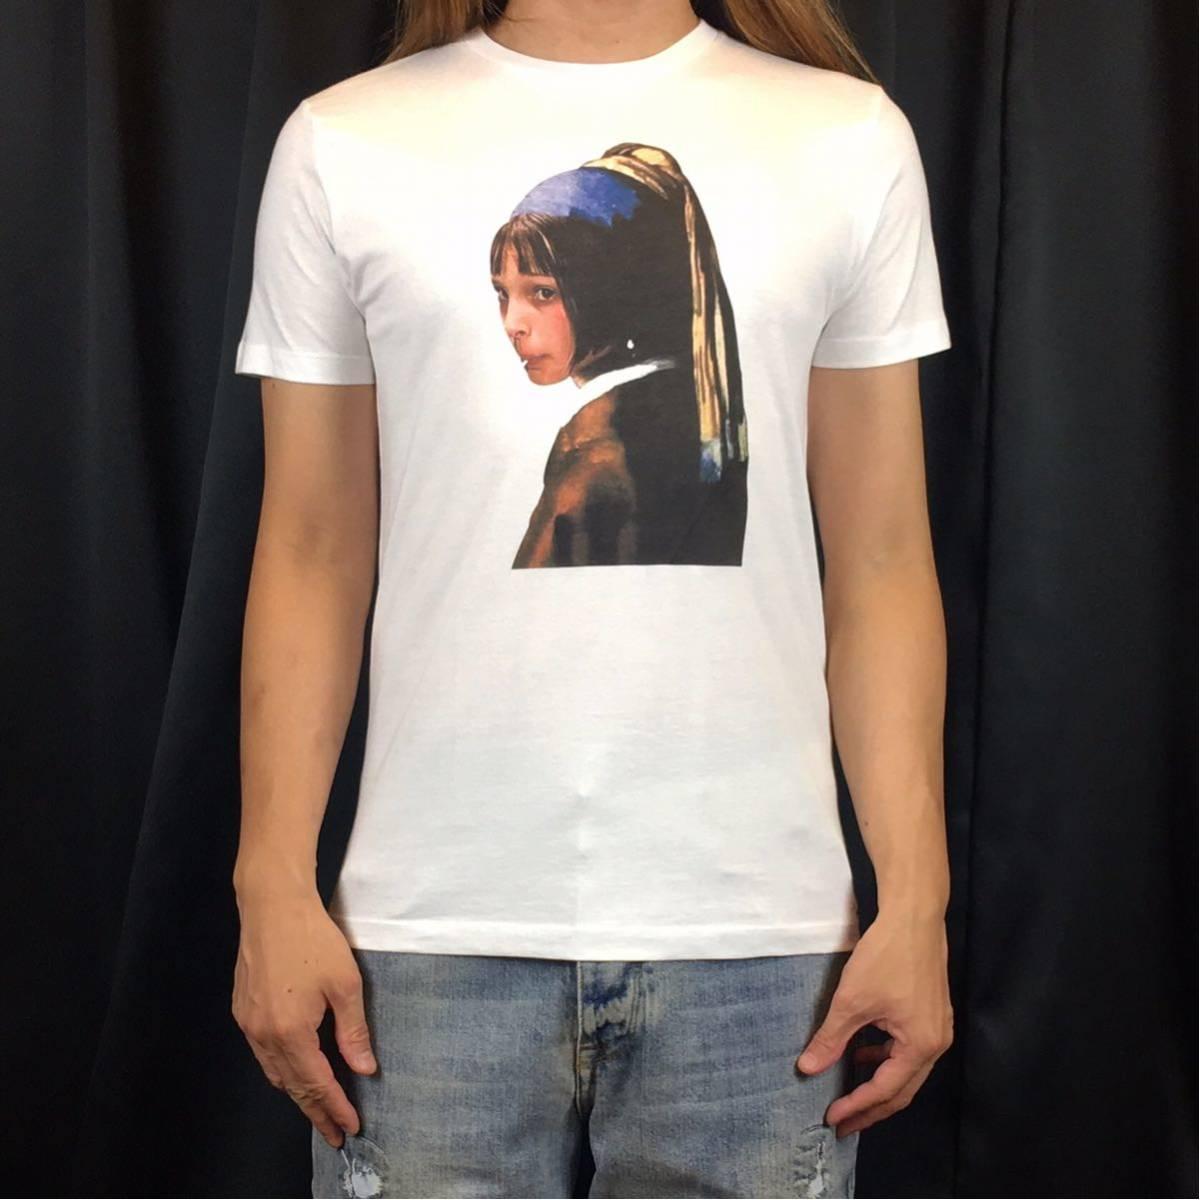 新品 映画 LEON レオン マチルダ フェルメール 真珠の耳飾りの少女 Tシャツ コラージュ デザイン S M L XL ビッグ サイズ XXL~5XL 長袖 OK_画像1